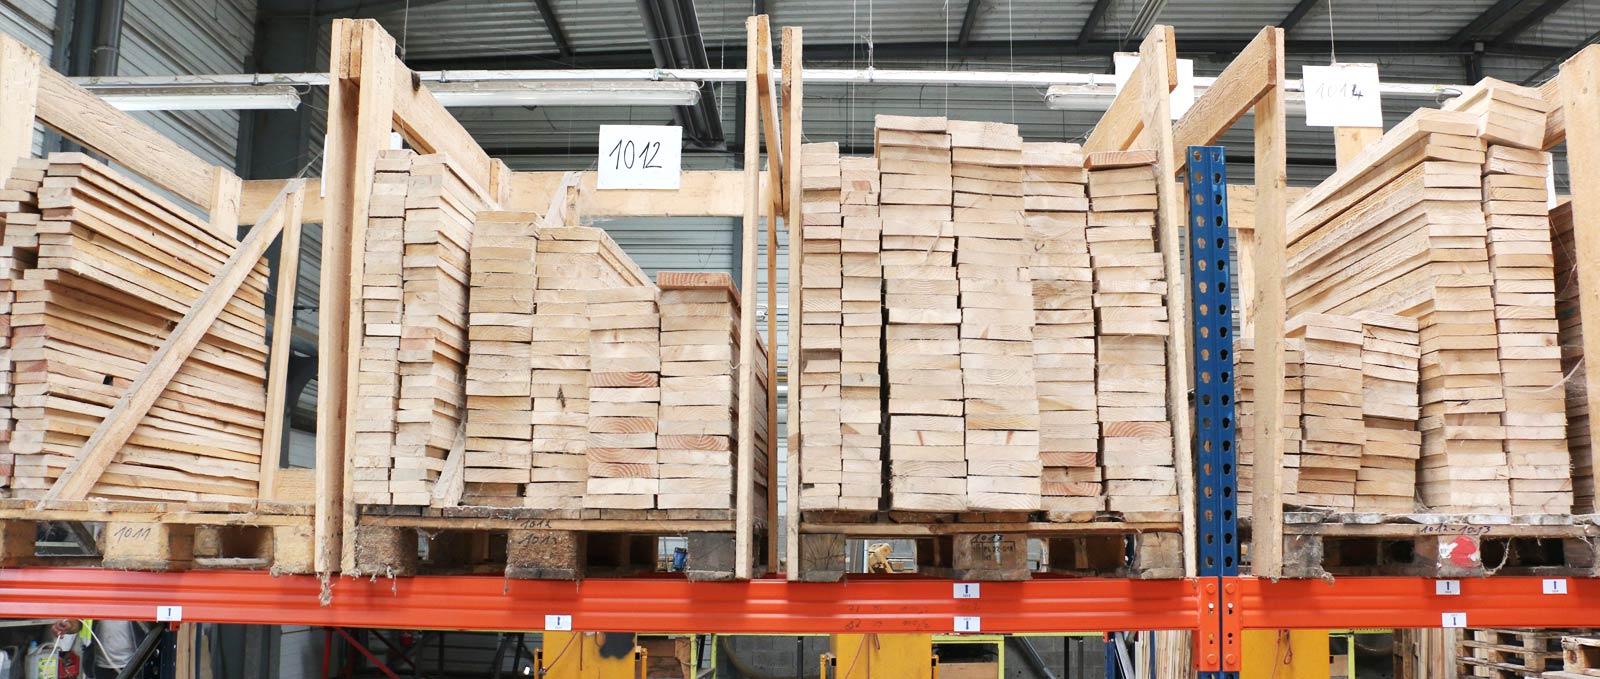 Réparation bois Palettes ESAT-EA Les Tournesols à Colmar